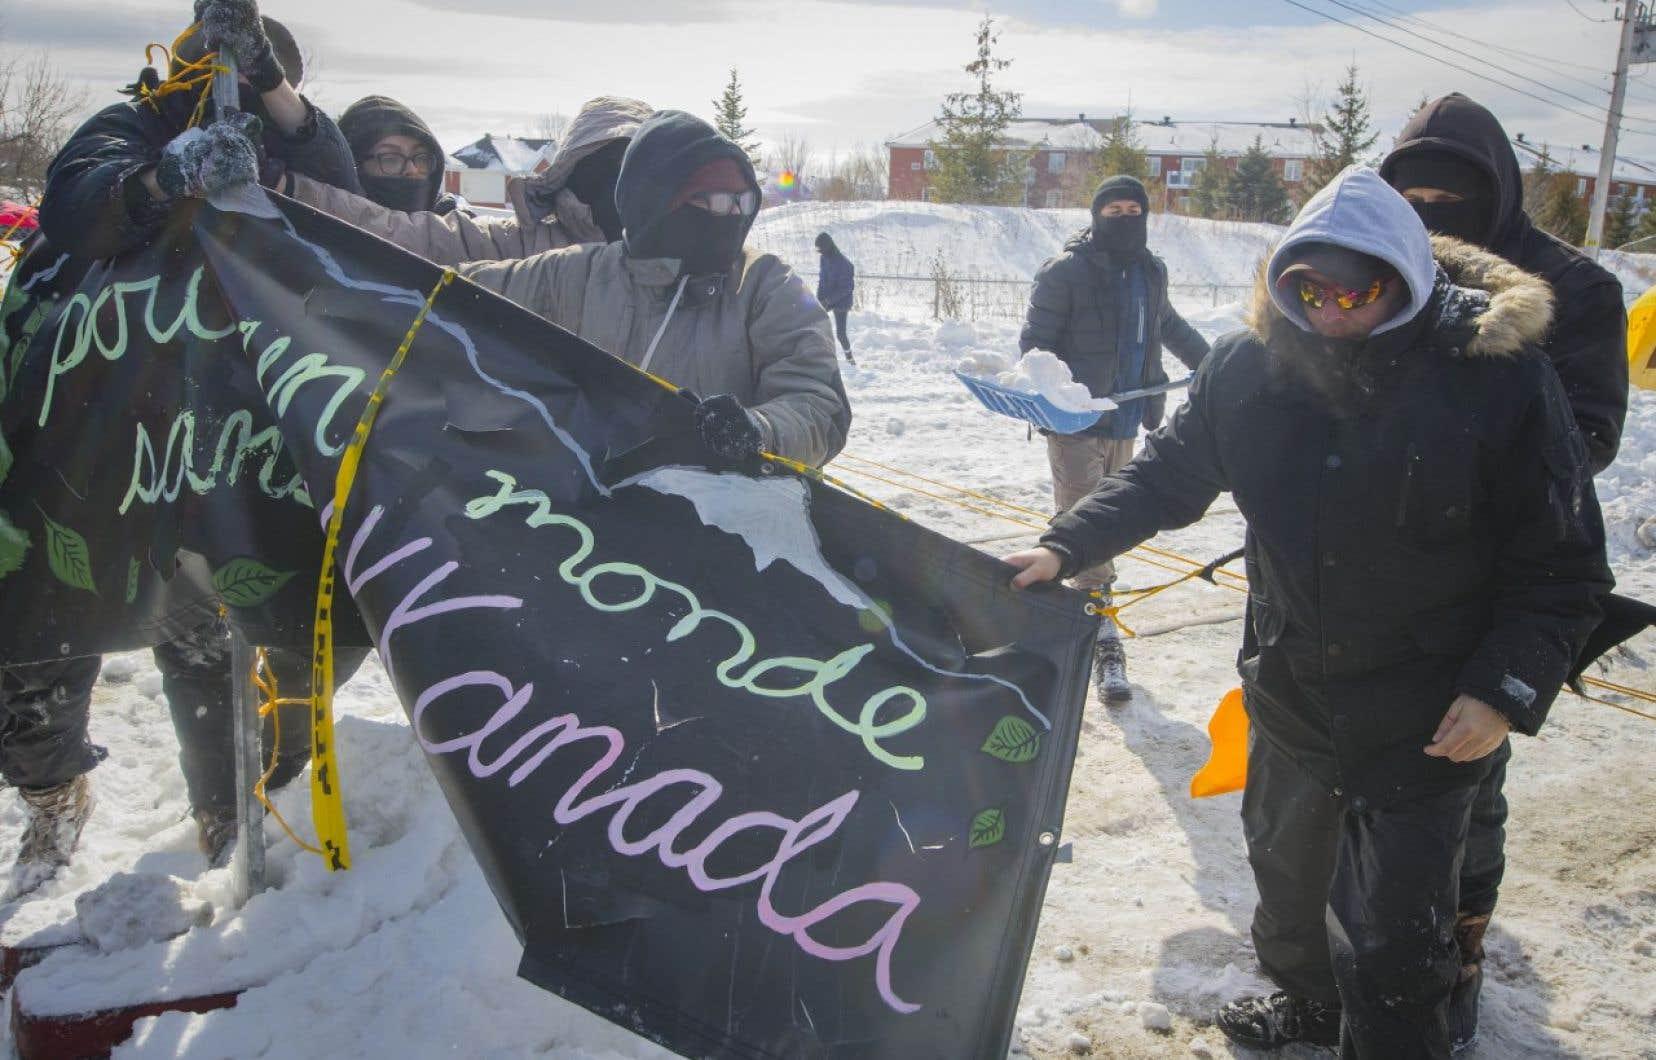 Les militants ont lancé un appel pour l'érection d'autres barricades pour bloquer les ports, les ponts, les routes et les rails en appui aux chefs héréditaires wet'suwet'en qui s'opposent au projet de gazoduc Coastal GasLink en Colombie-Britannique.